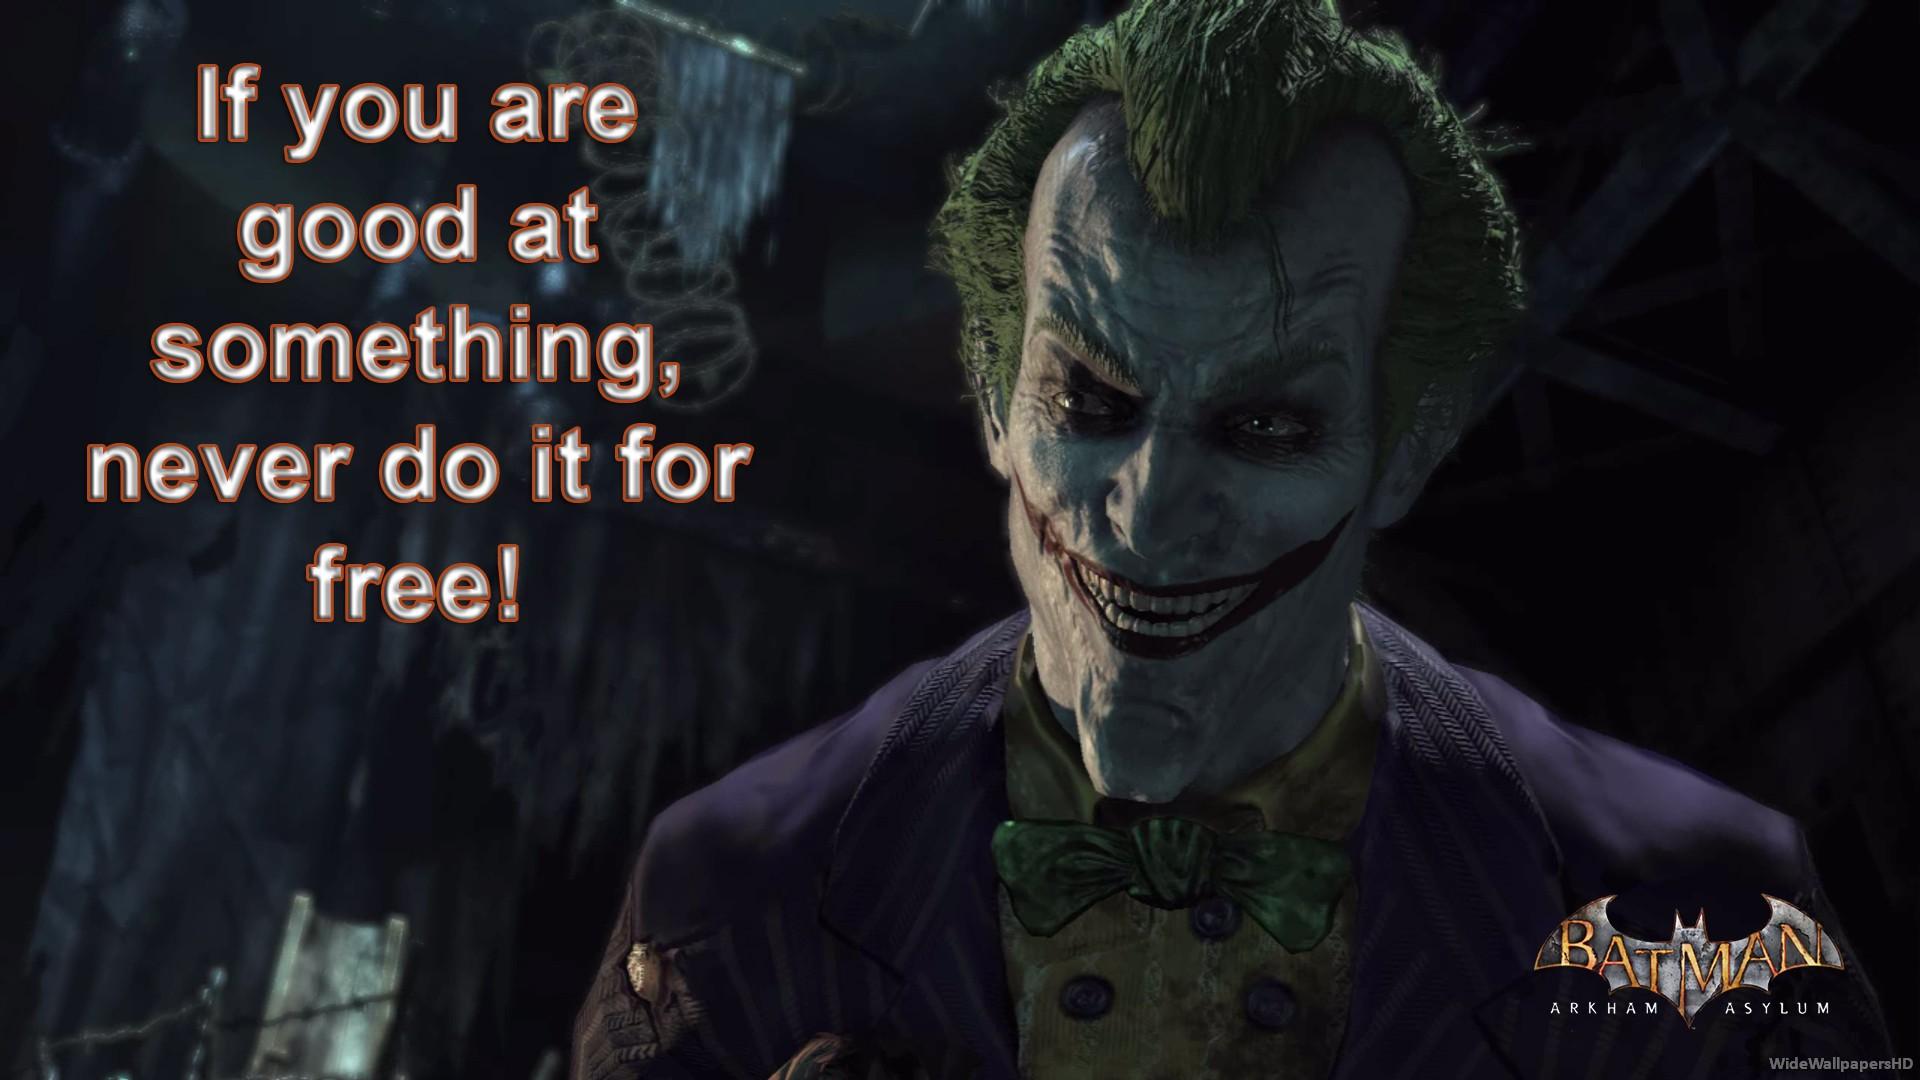 Joker Quotes: Arkham Asylum Joker Quotes. QuotesGram